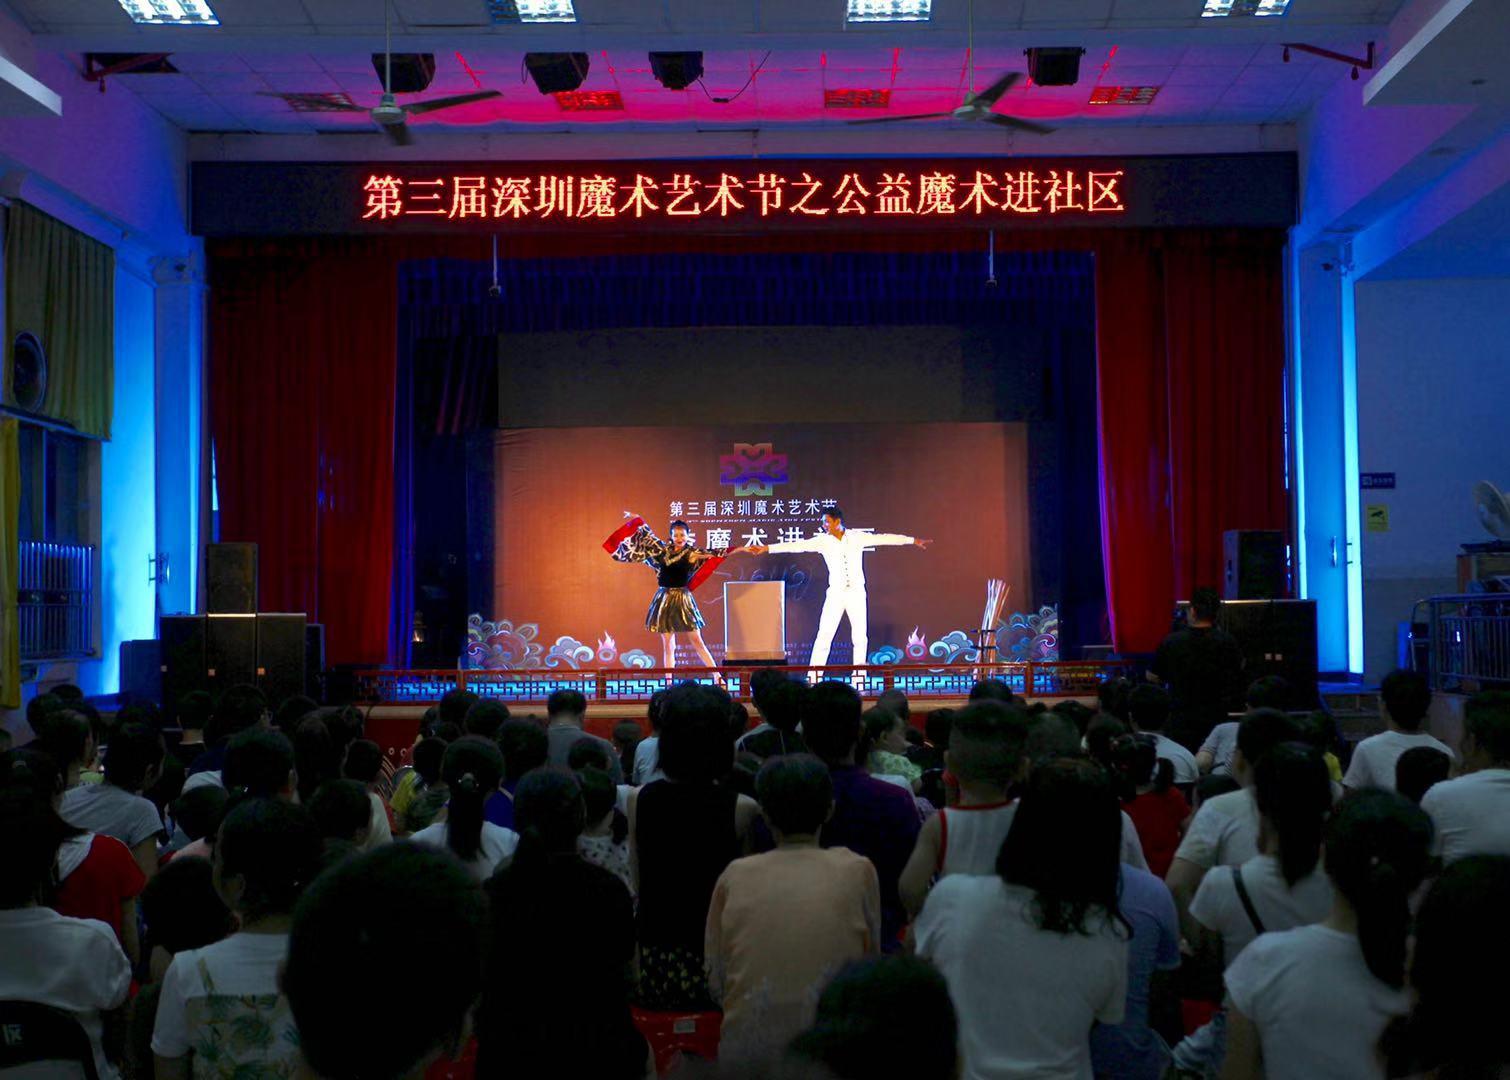 第三届深圳魔术艺术节之公益魔术进社区 为宝安新二社区居民呈现魔术盛宴